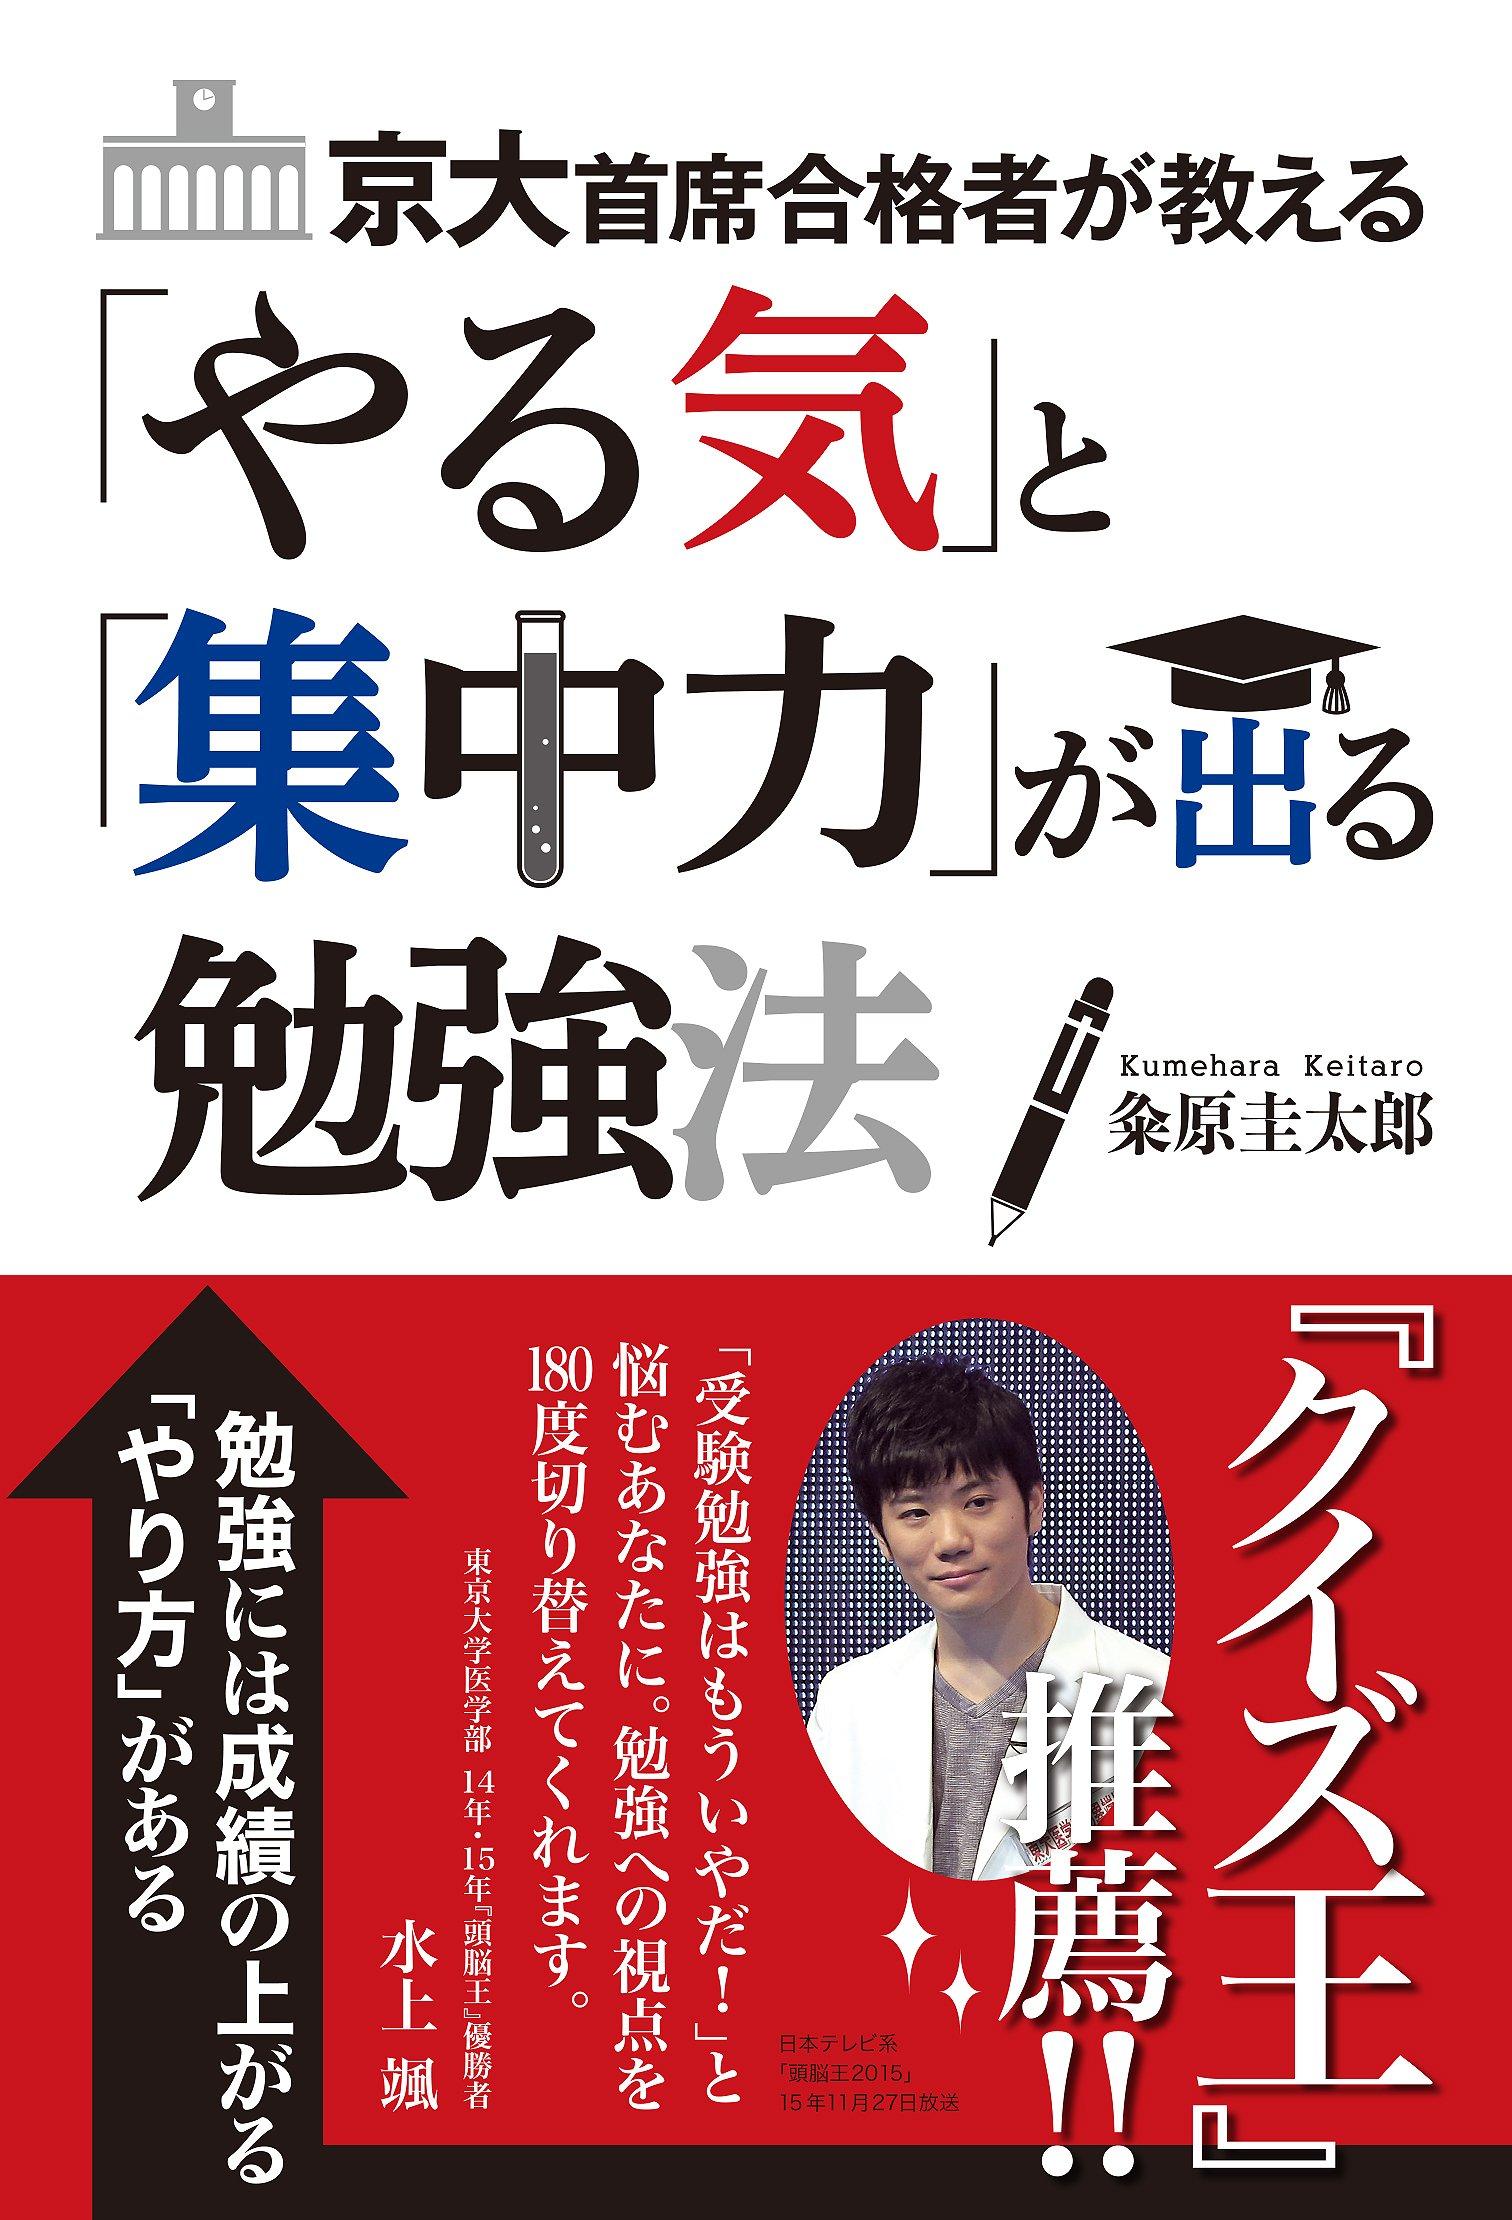 京大首席合格者が教える 「やる気」と「集中力」が出る勉強法